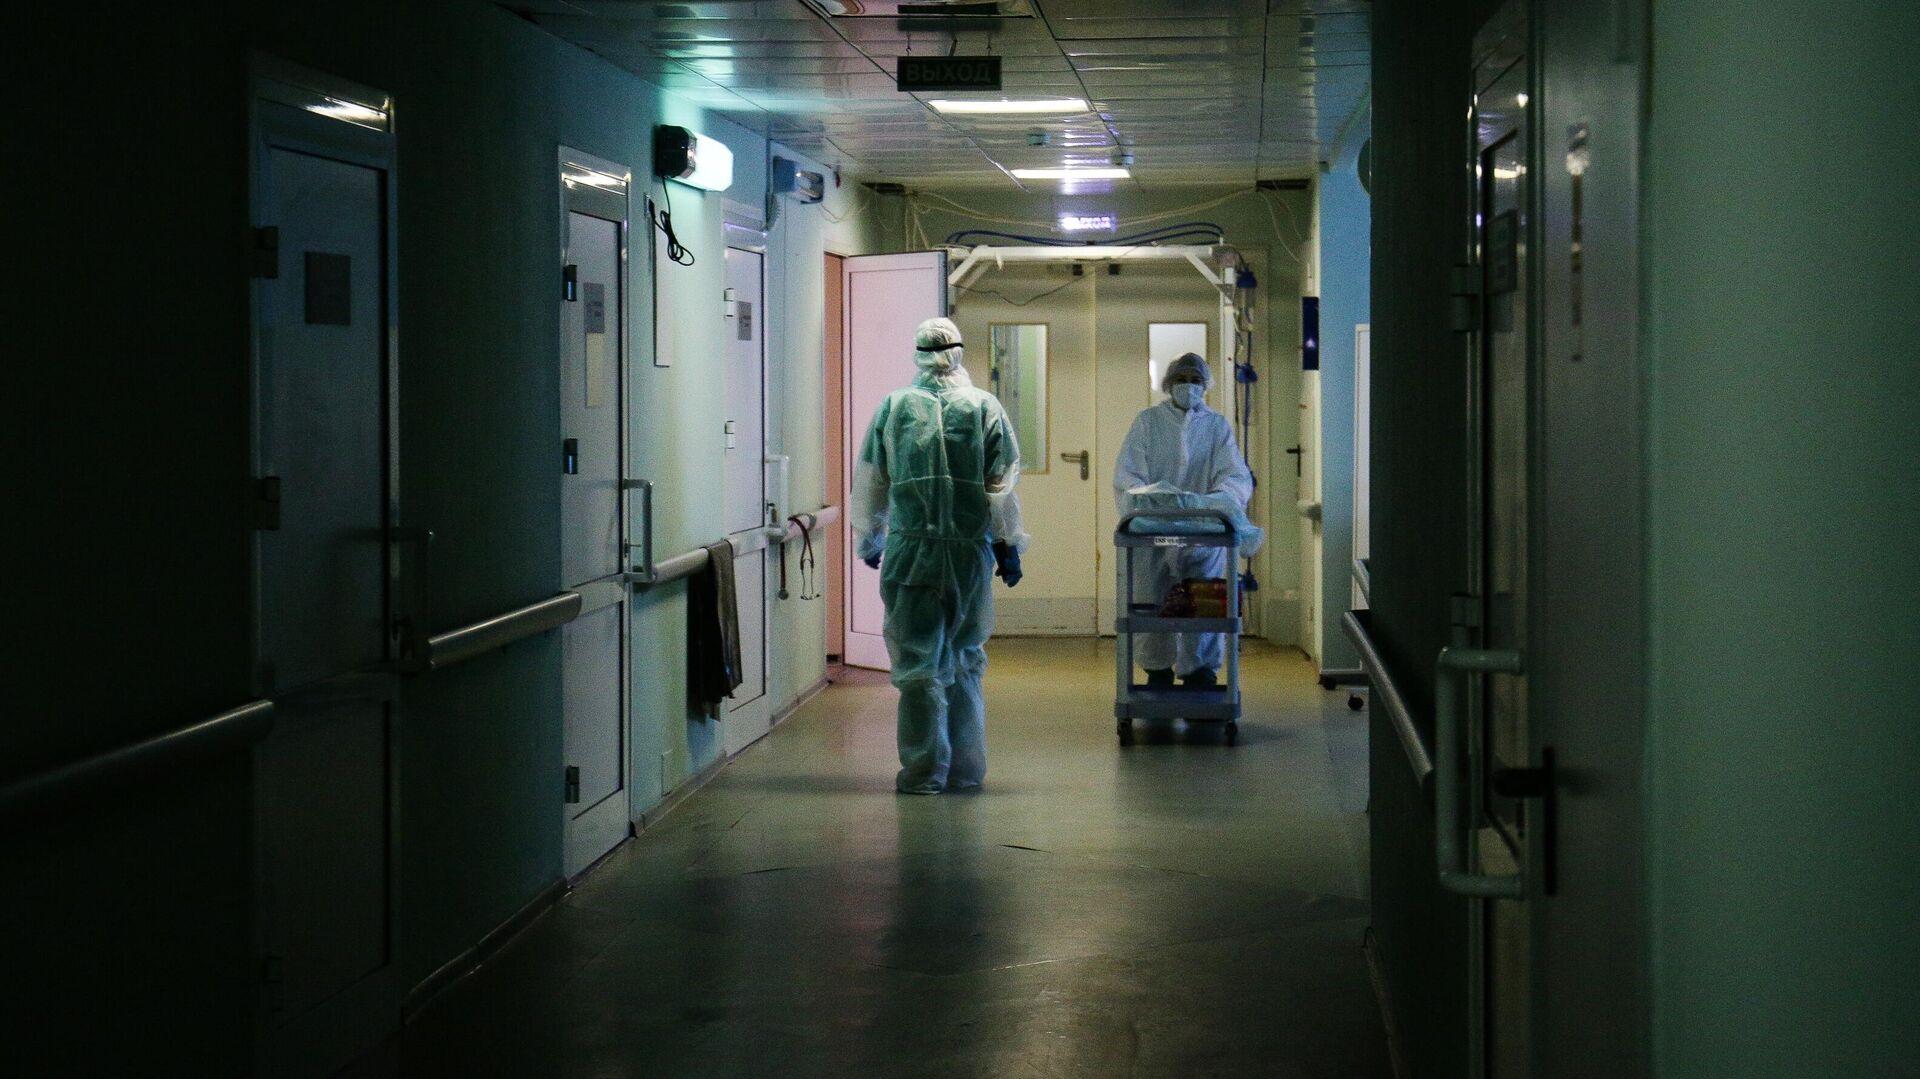 Медики в защитном противоэпидемическом костюме в коридоре Новосибирской областной клинической больницы - РИА Новости, 1920, 07.02.2021